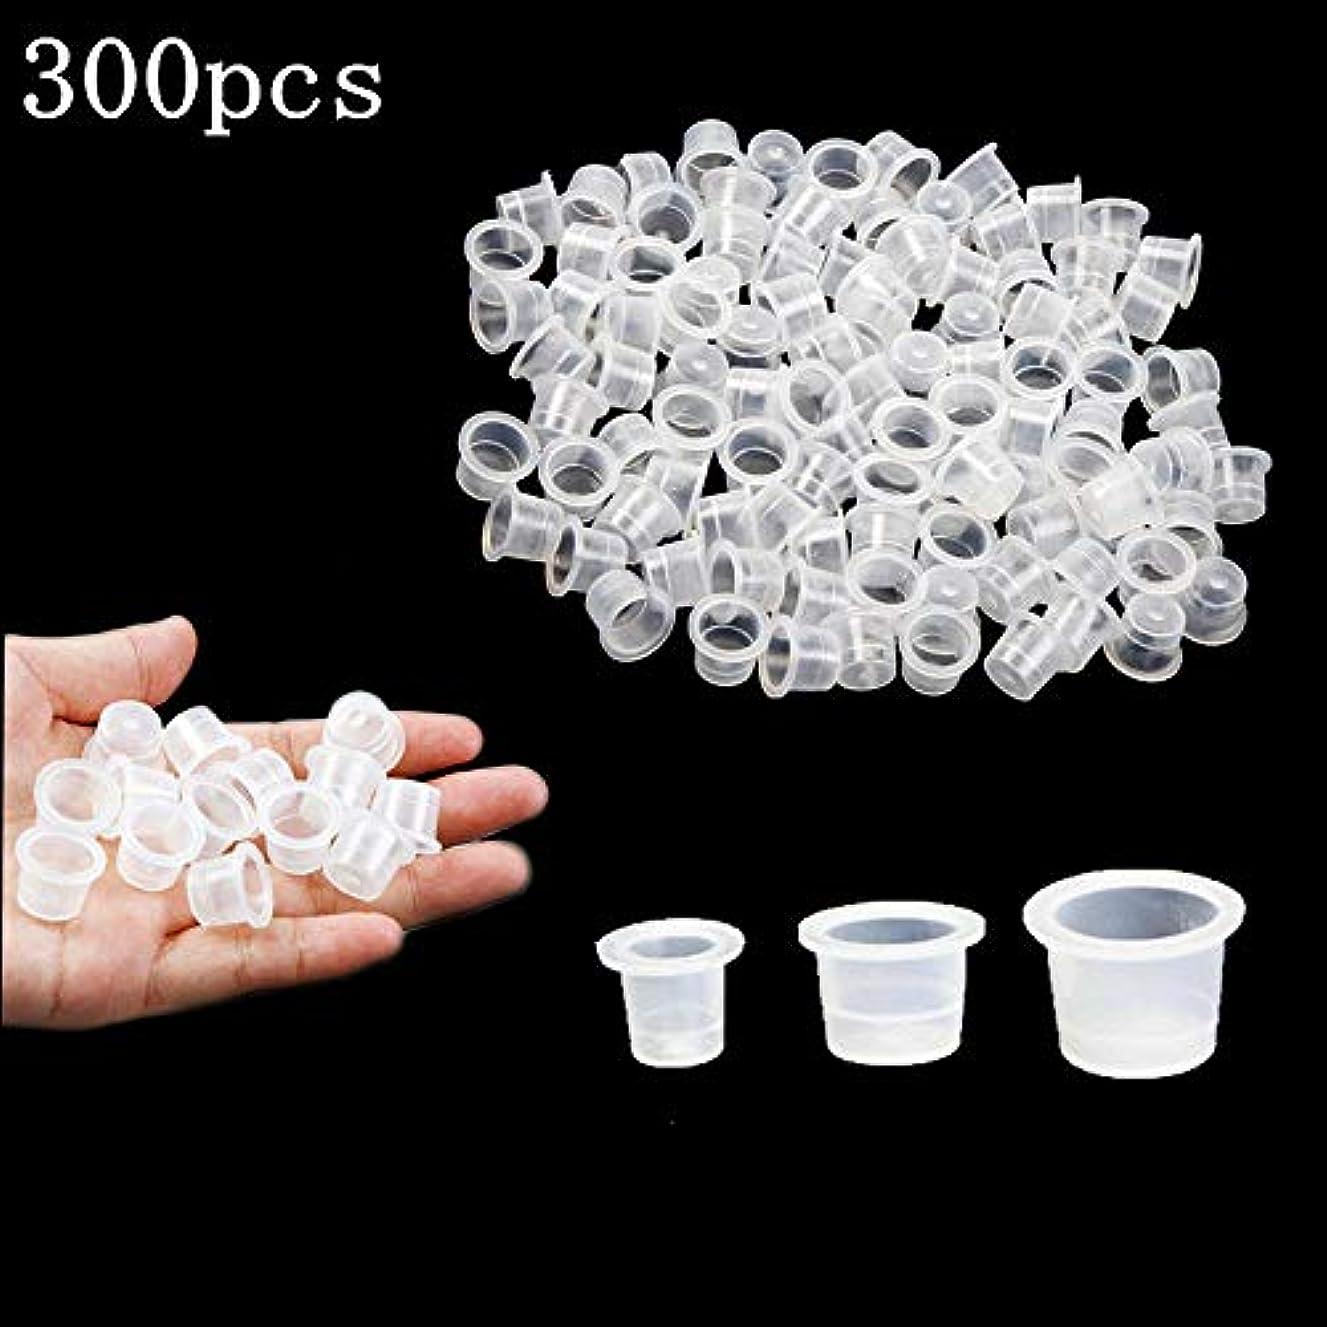 銛開いたさまようKingsie インクキャップ 300個セット タトゥーインクカップ 使い捨て ホワイト 半透明 S/M/L